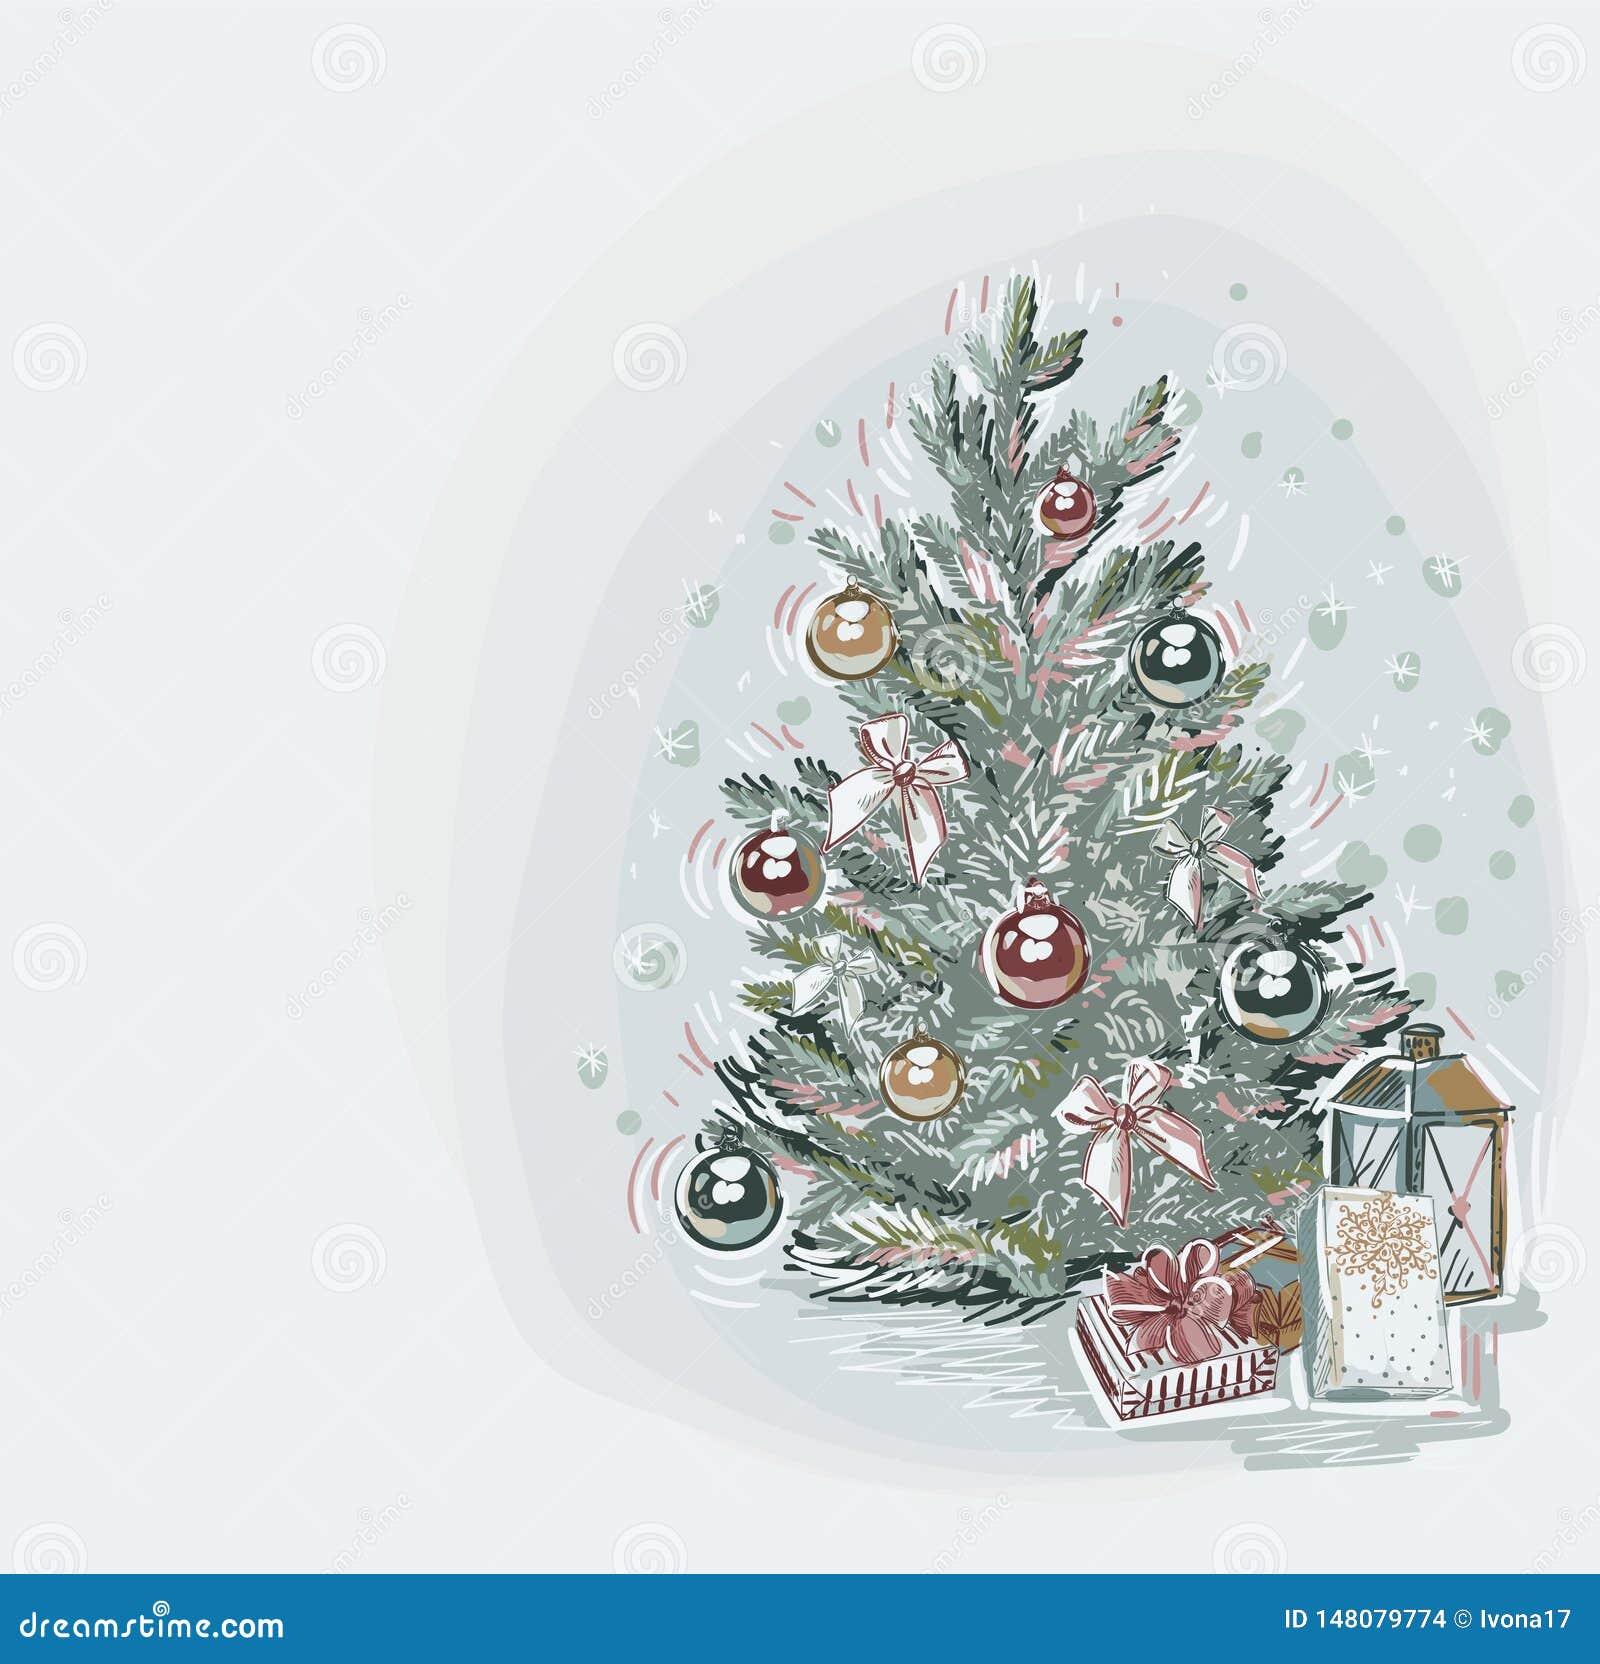 Drzewnego teraźniejszości kartki bożonarodzeniowej tła błękitnego wektorowego miękkiego koloru farby pastelowy styl